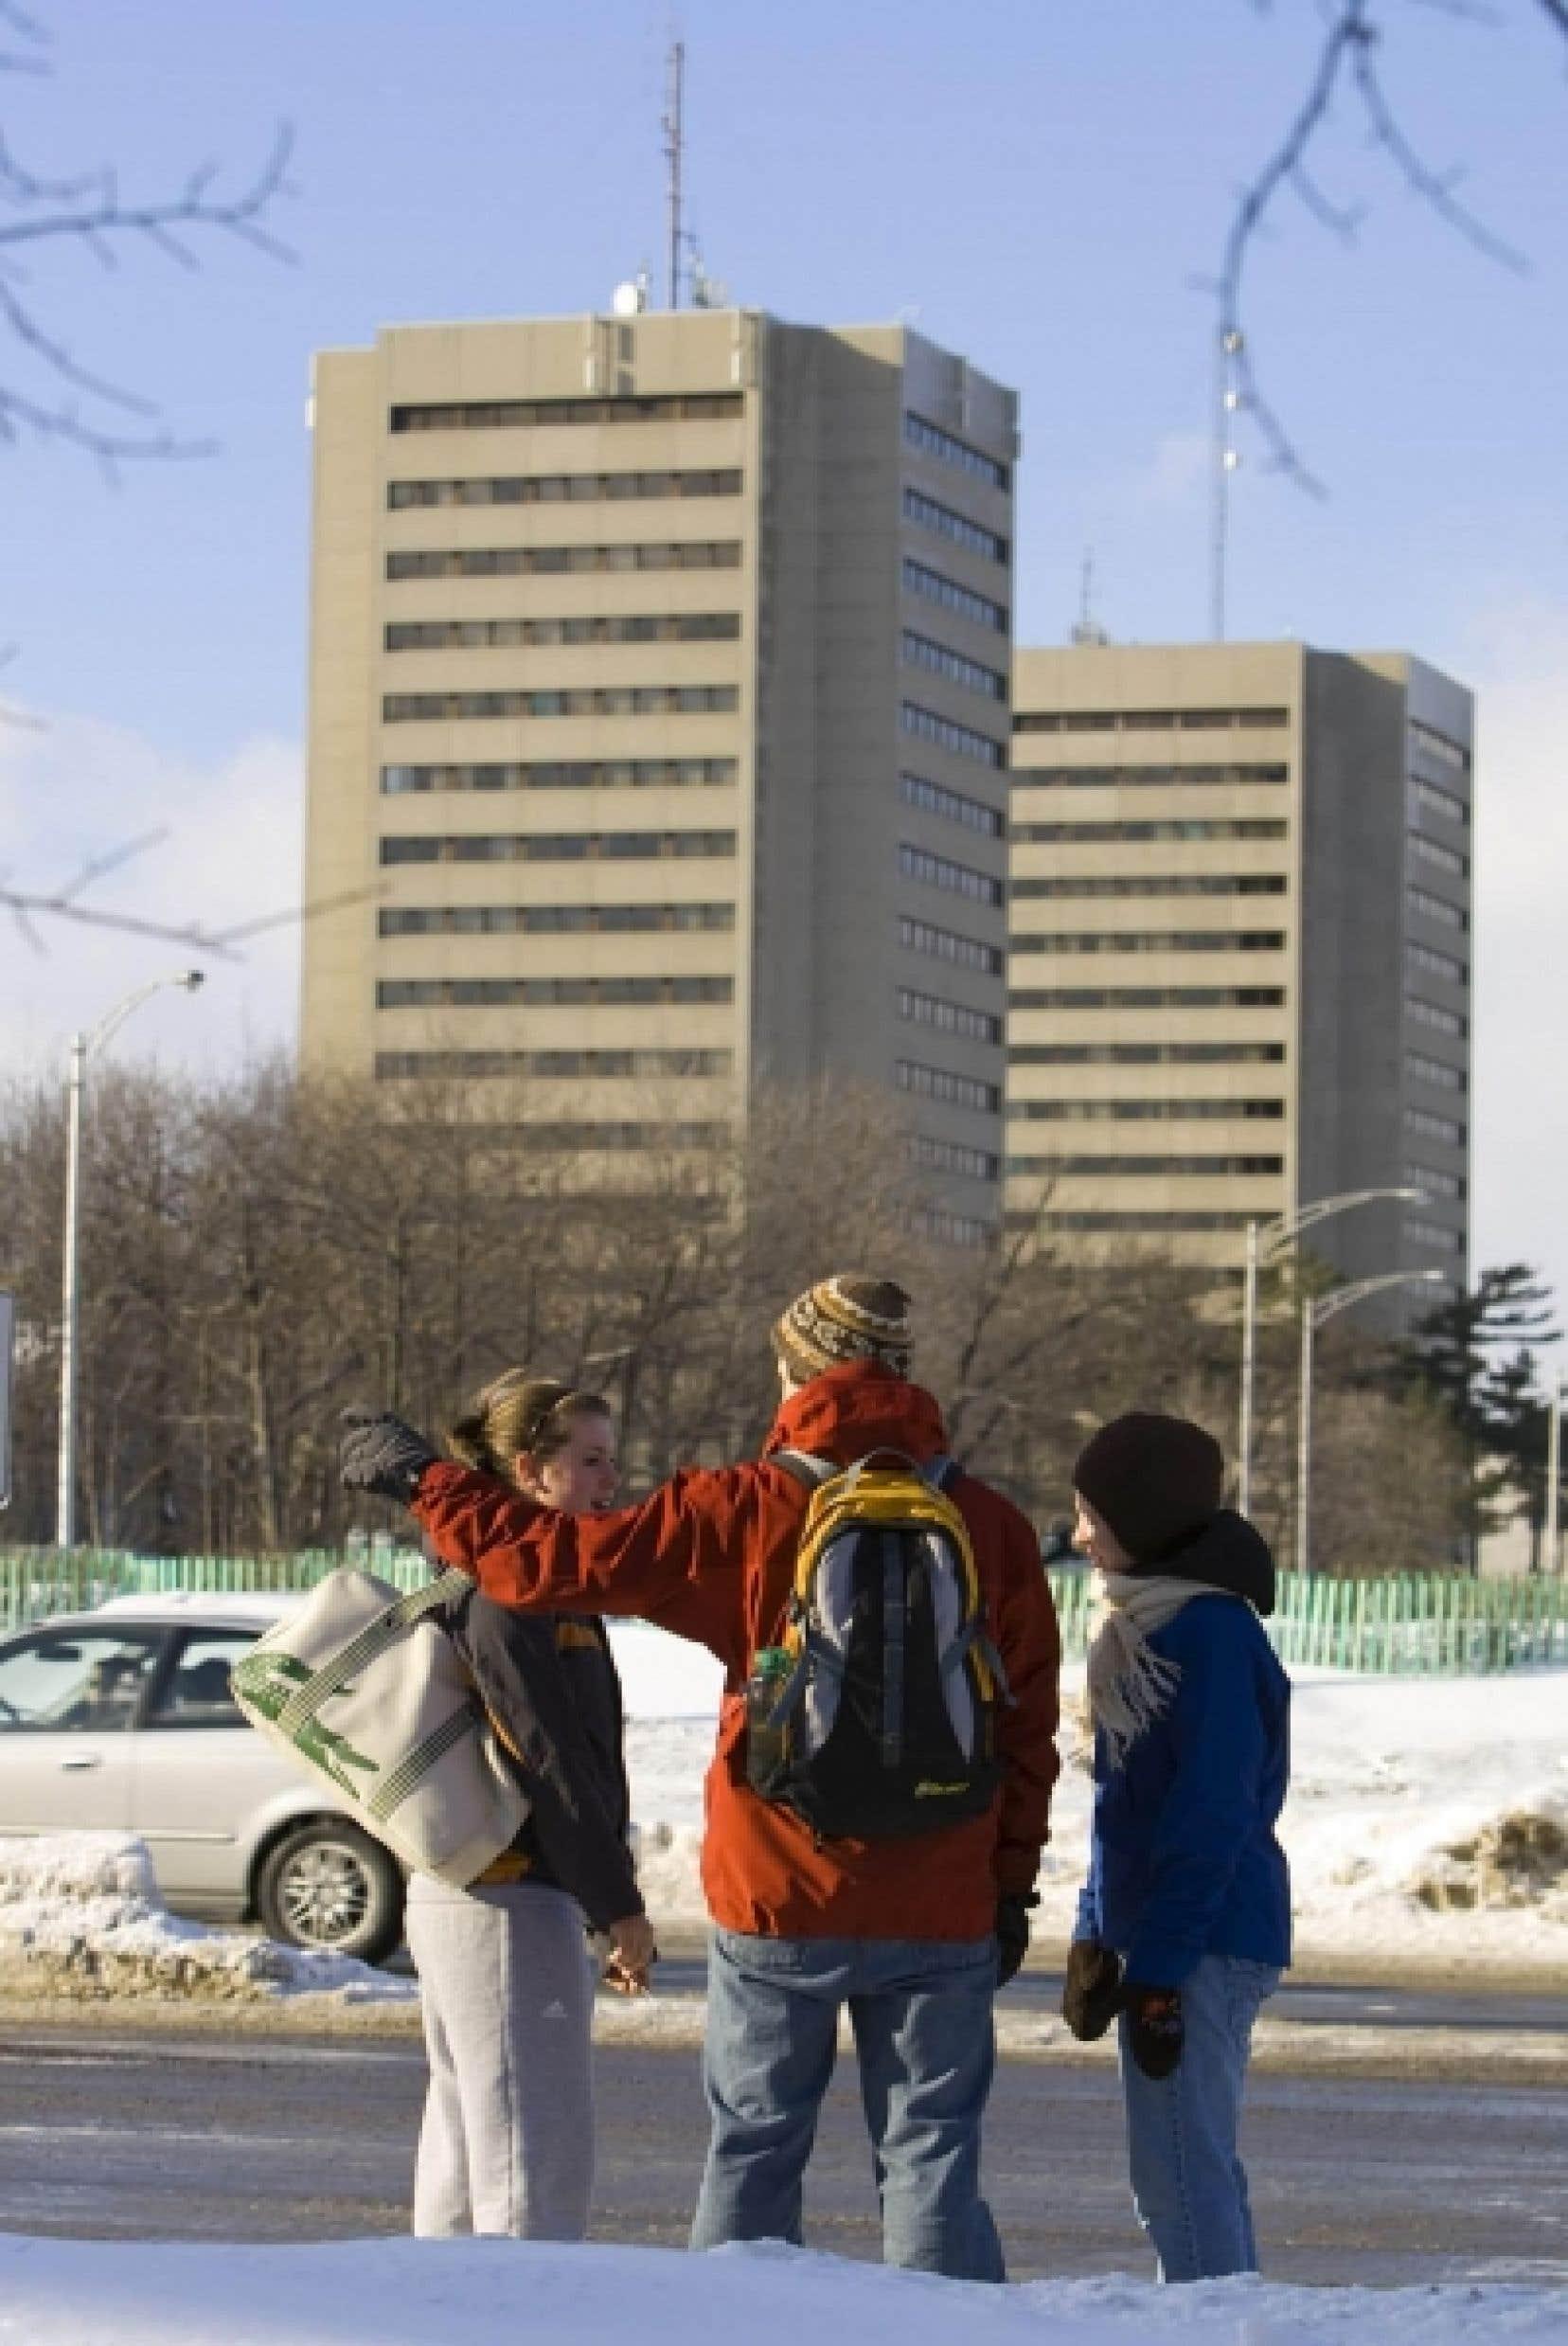 Les étudiants québécois n'accèdent pas directement à l'université à la fin de leurs études secondaires; ils passent par le «filtre» des cégeps. Cela explique peut-être en partie pourquoi ils ne sont pas plus nombreux à s'inscrire aux études universitaires, malgré des droits de scolarité moins élevés qu'ailleurs au Canada. Ci-dessus, l'Université Laval. <br />